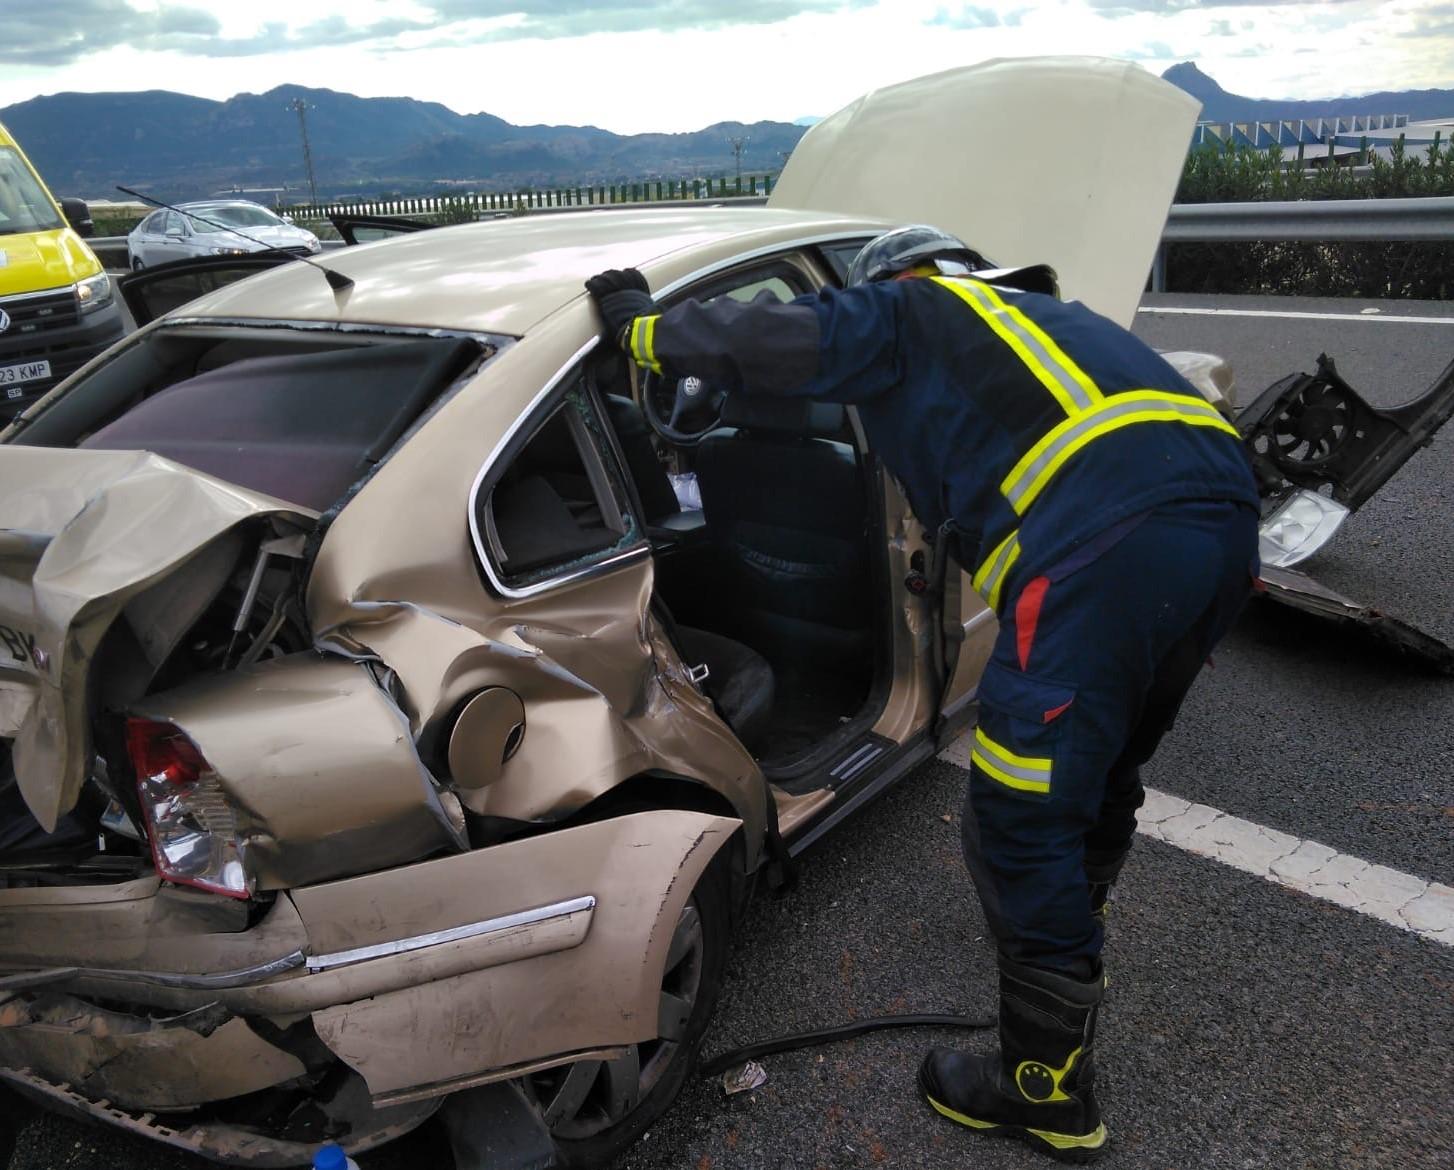 los-bomberos-rescatan-a-una-mujer-que-habia-quedado-atrapada-tras-un-accidente-de-trafico-en-cieza